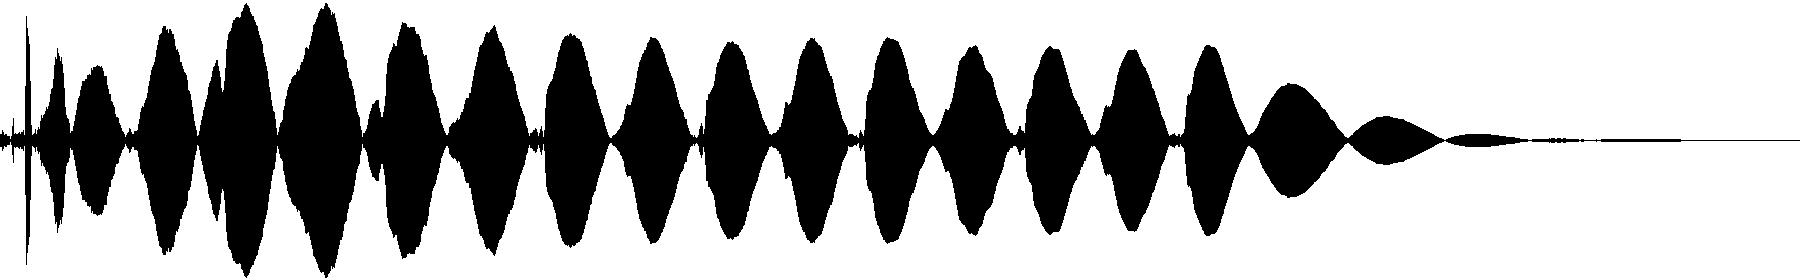 veh2 synths   124 c